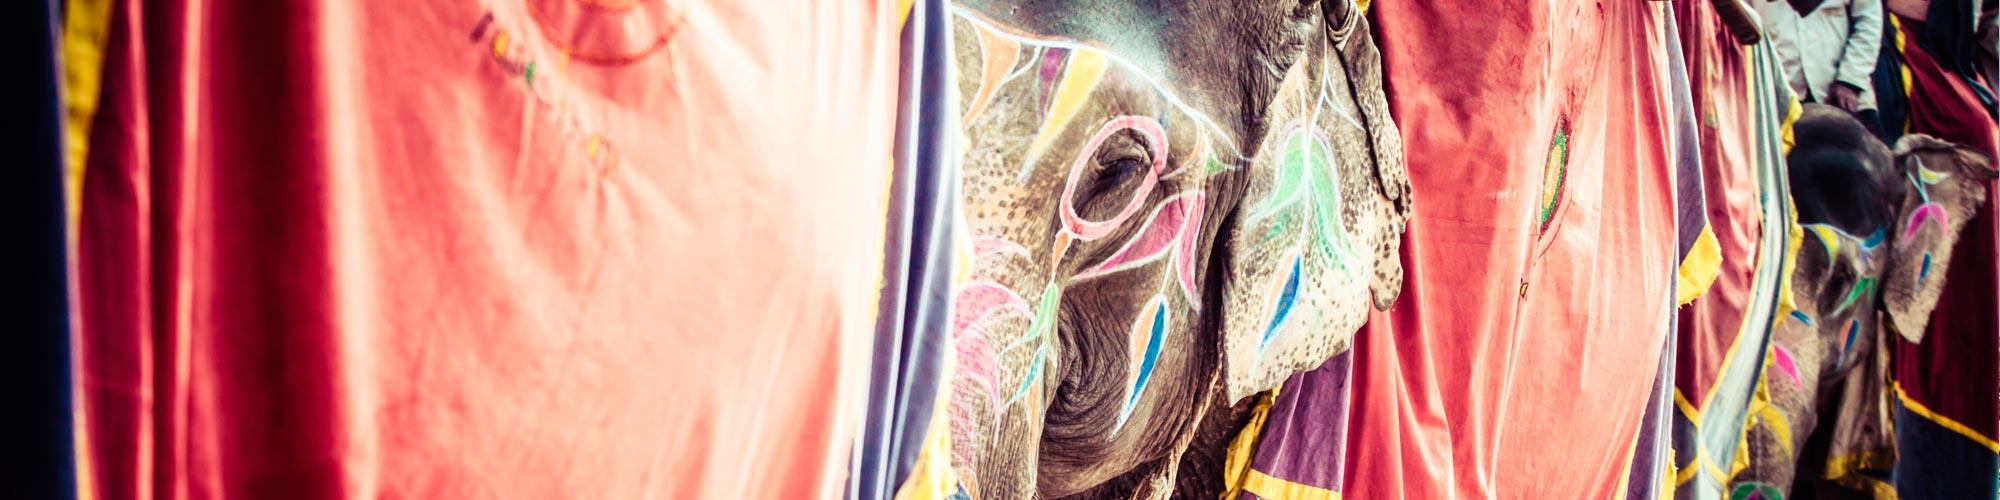 Viaje India, Templos y Tigres - EL PAIS Viajes